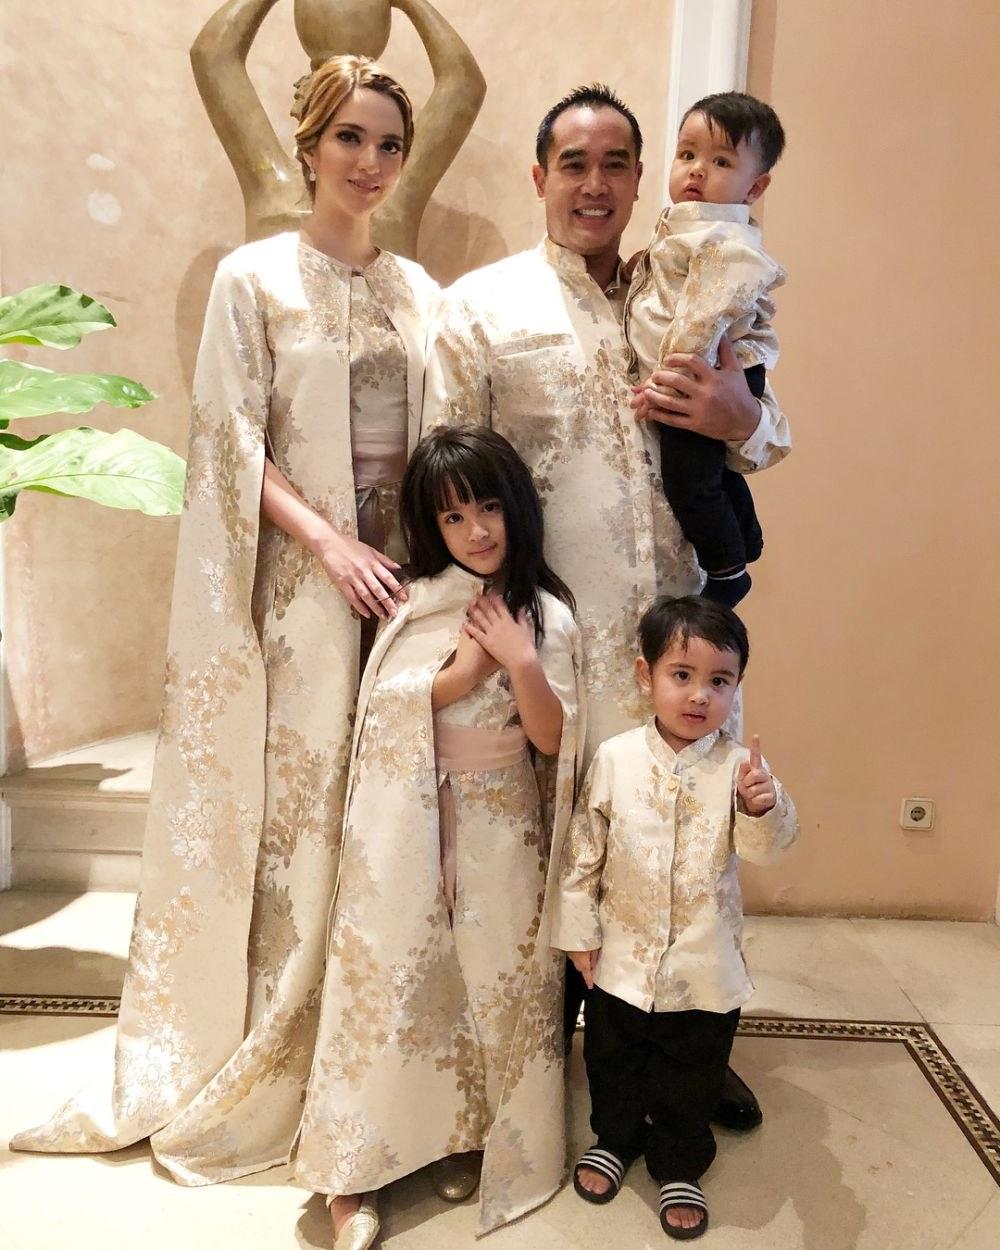 Bentuk Baju Lebaran Keluarga 2020 Rldj Potret 16 Seleb Pakai Baju Kembaran Saat Lebaran Kompak Abis